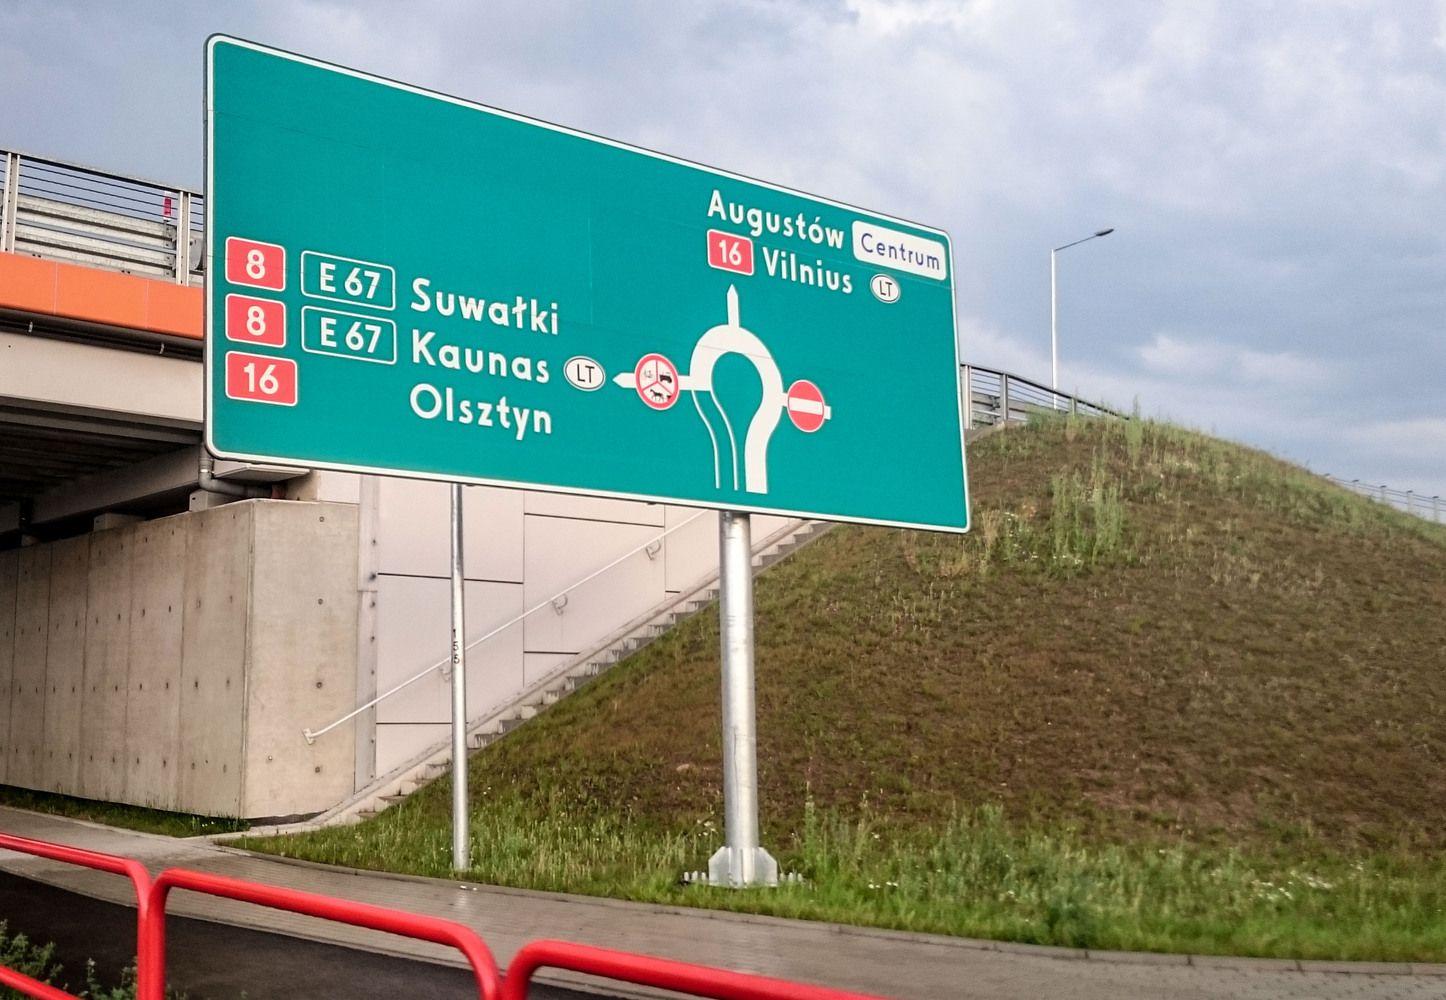 Lenkijoje griežtinama vežėjų atsakomybė